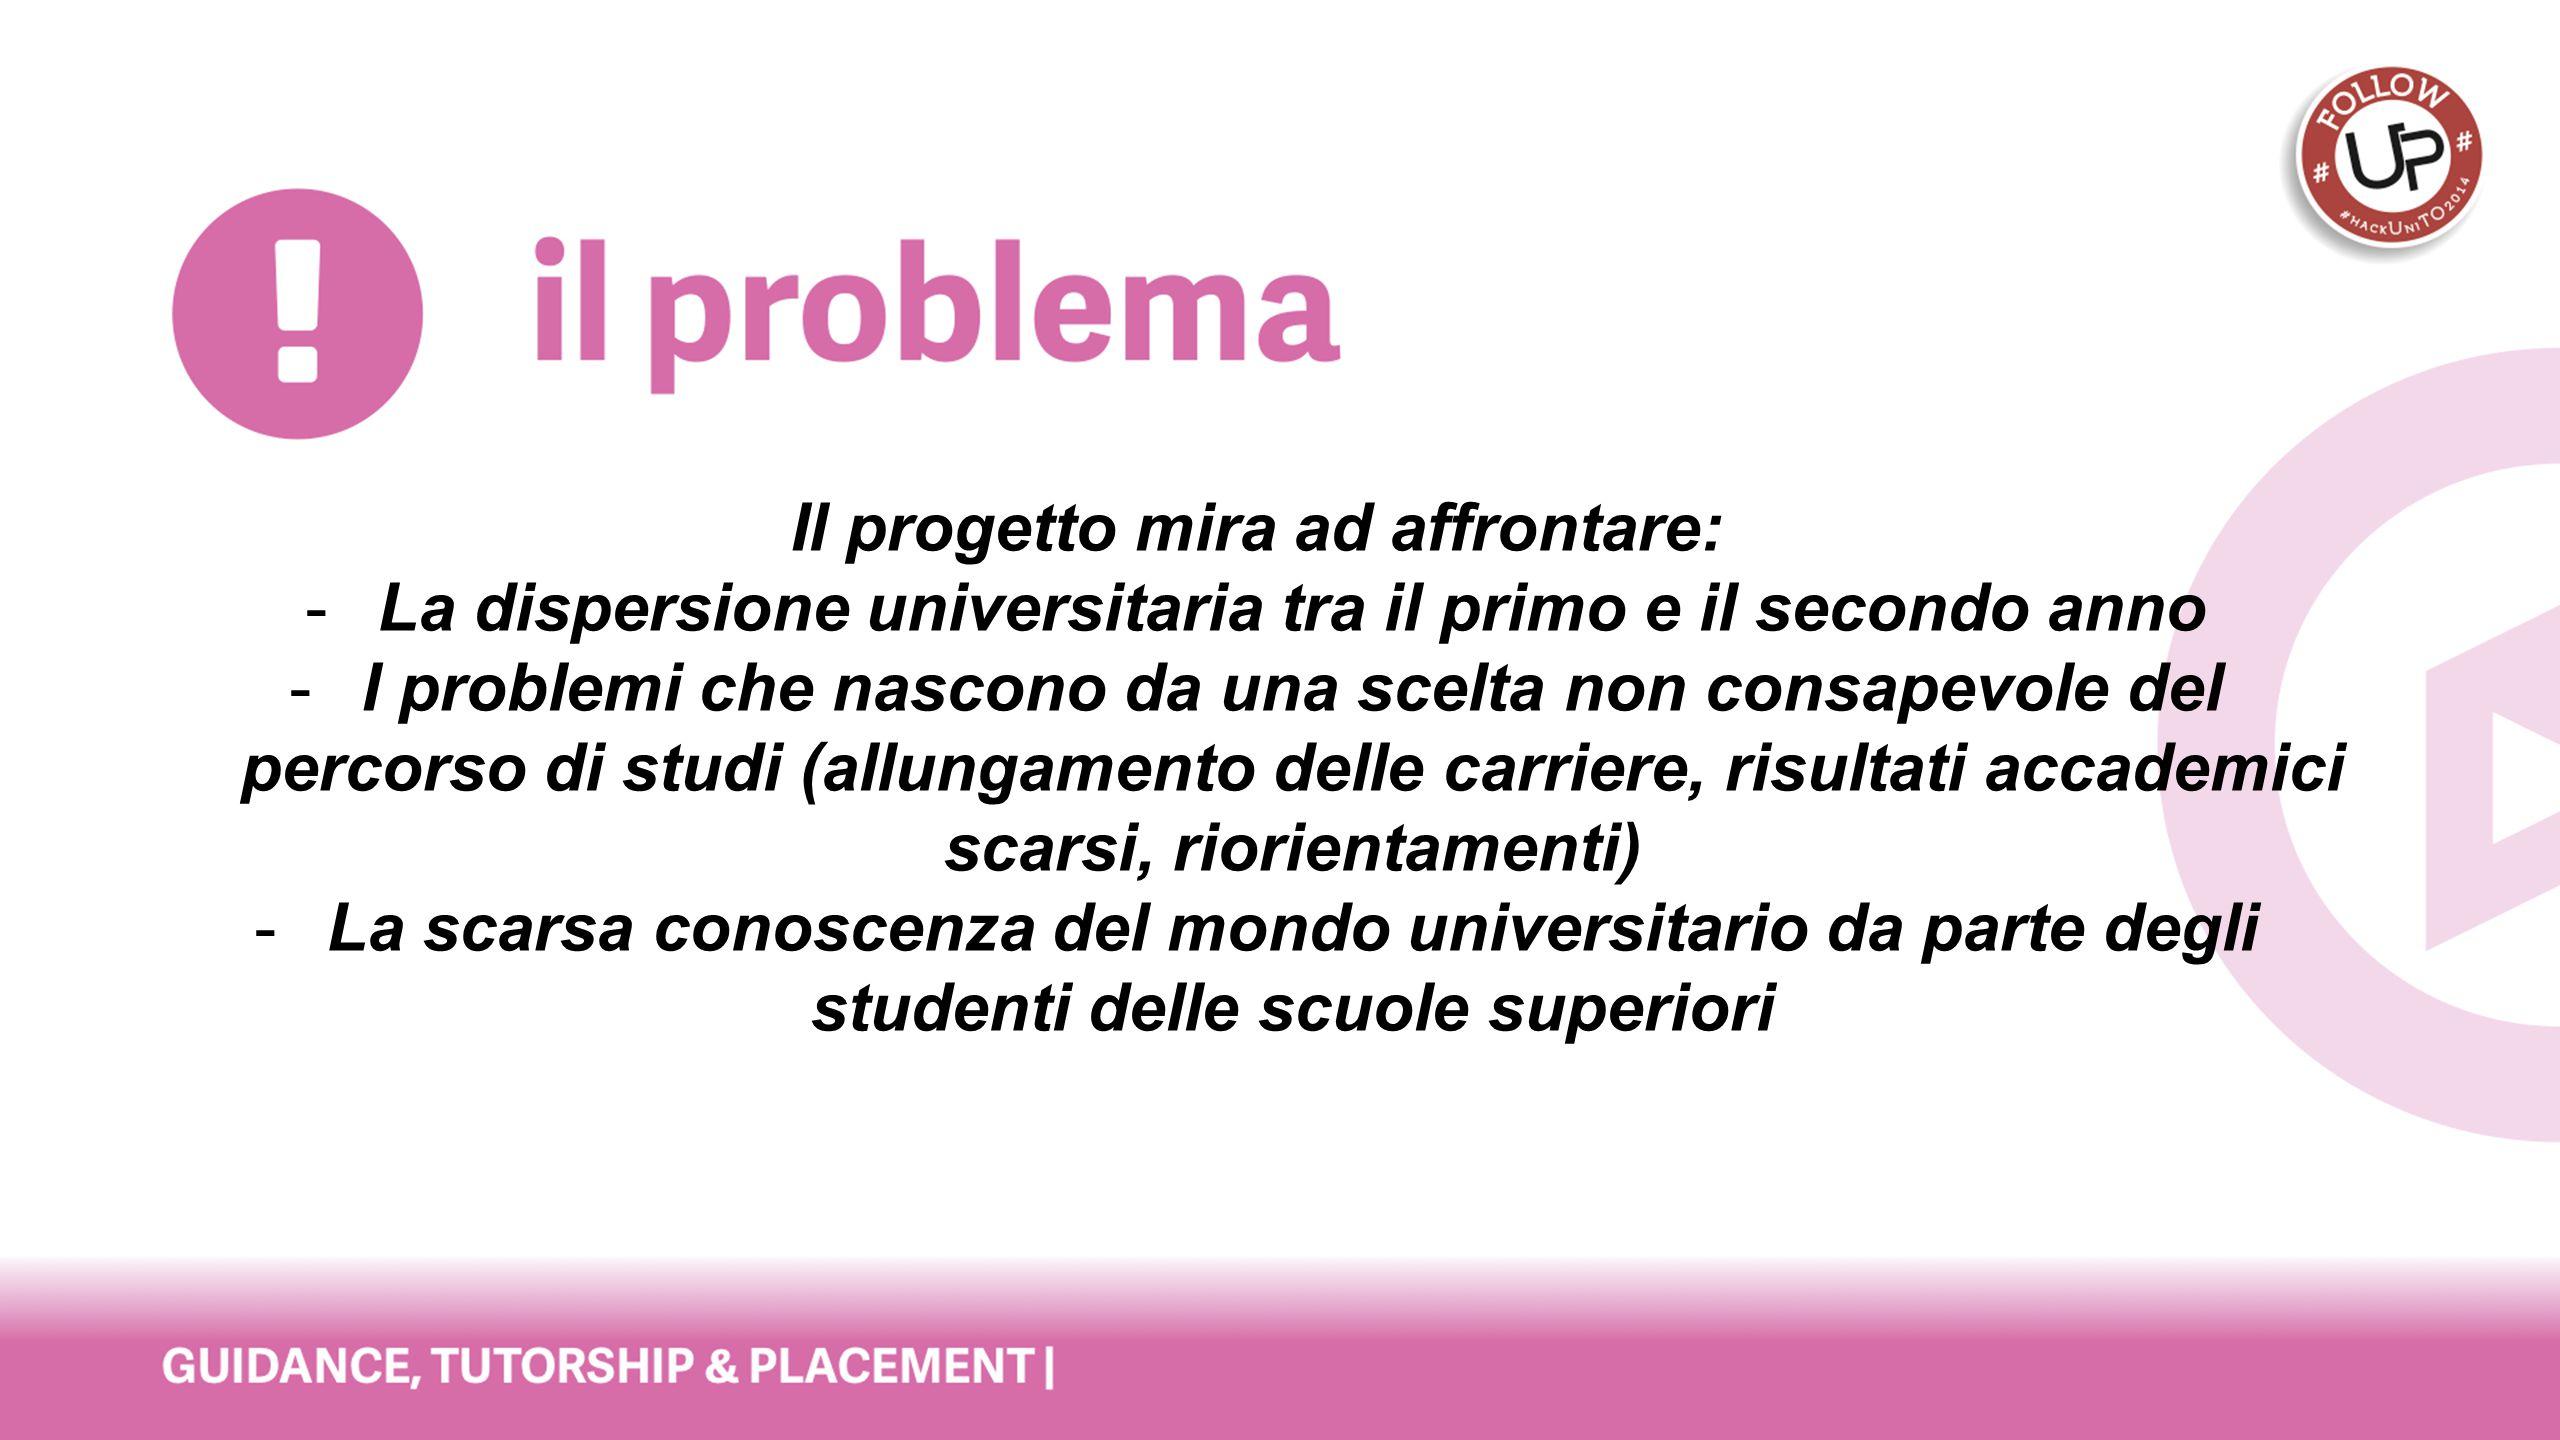 Il progetto mira ad affrontare: -La dispersione universitaria tra il primo e il secondo anno -I problemi che nascono da una scelta non consapevole del